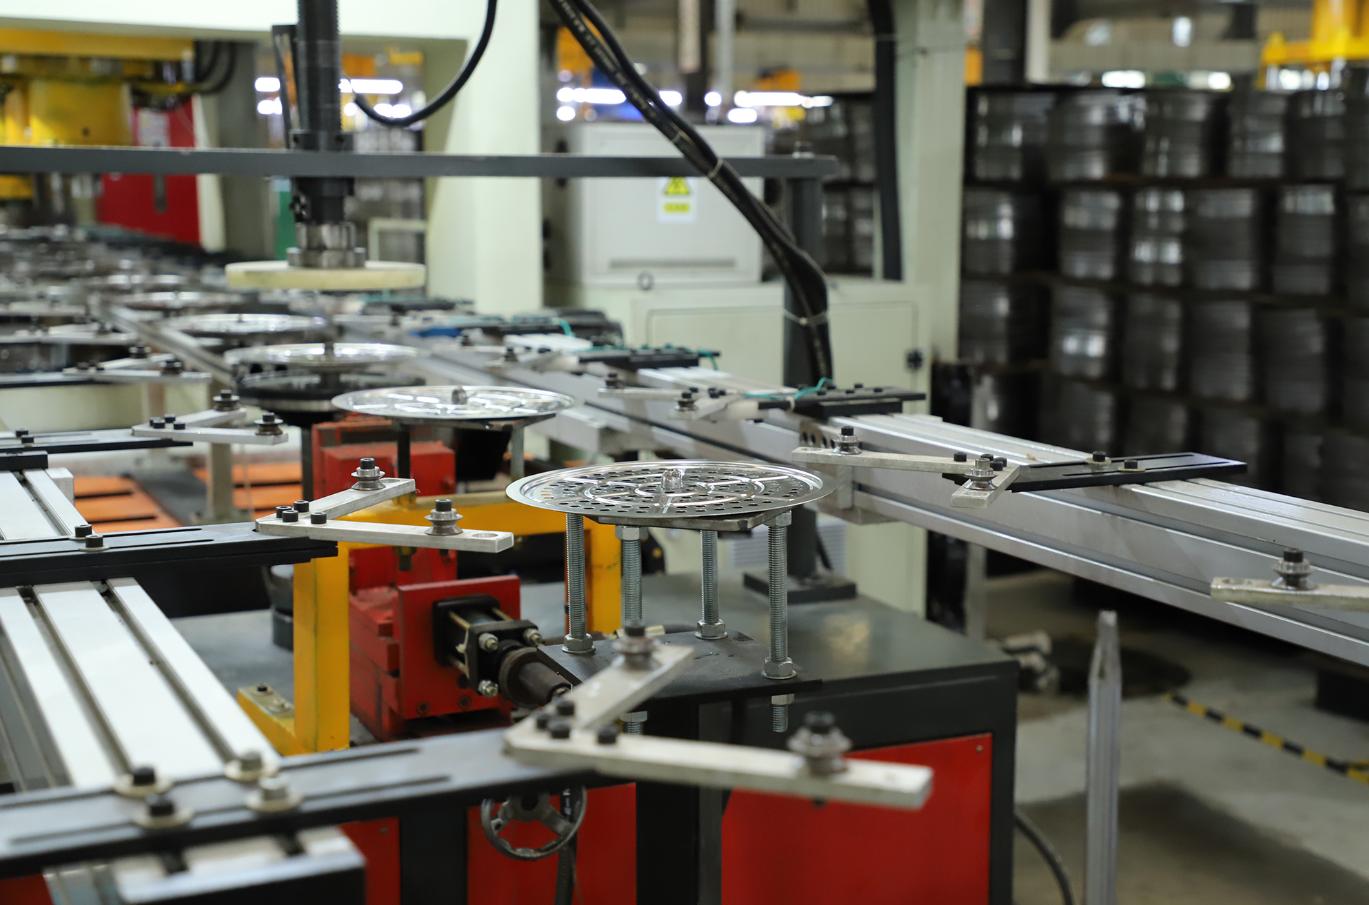 智能生产线10秒成型一件不锈钢产品。纪金娜 摄